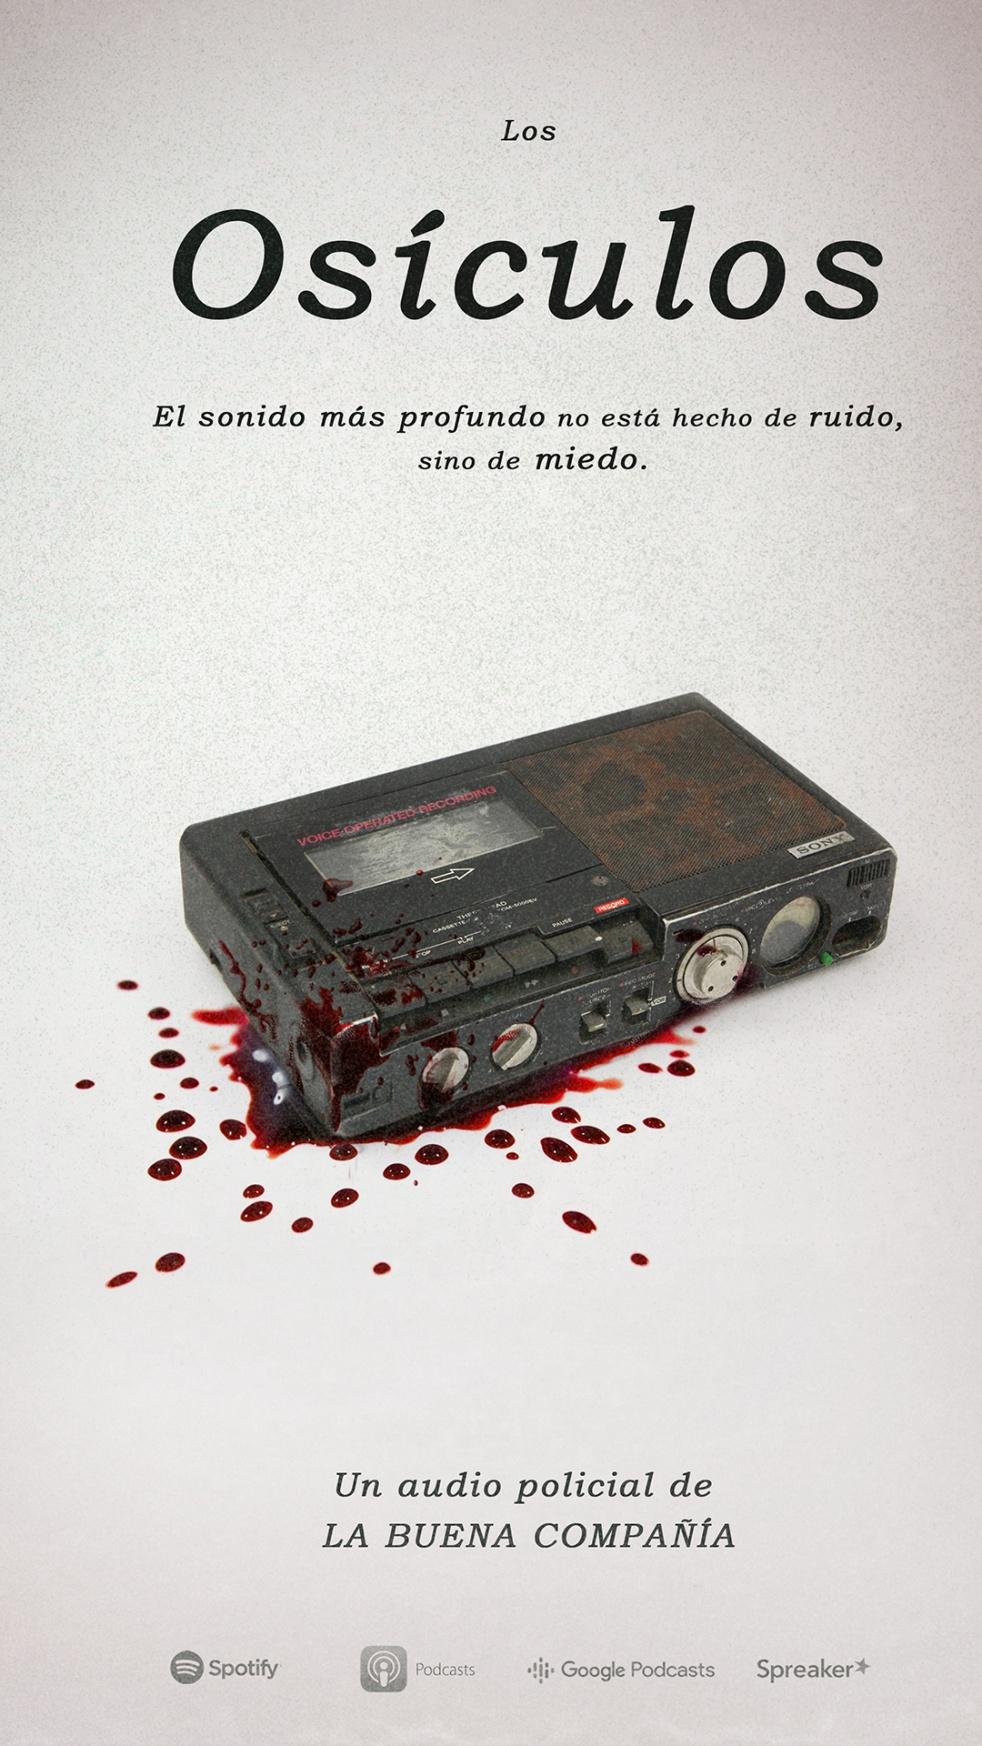 Los Osículos - Audio policial - Cover Image